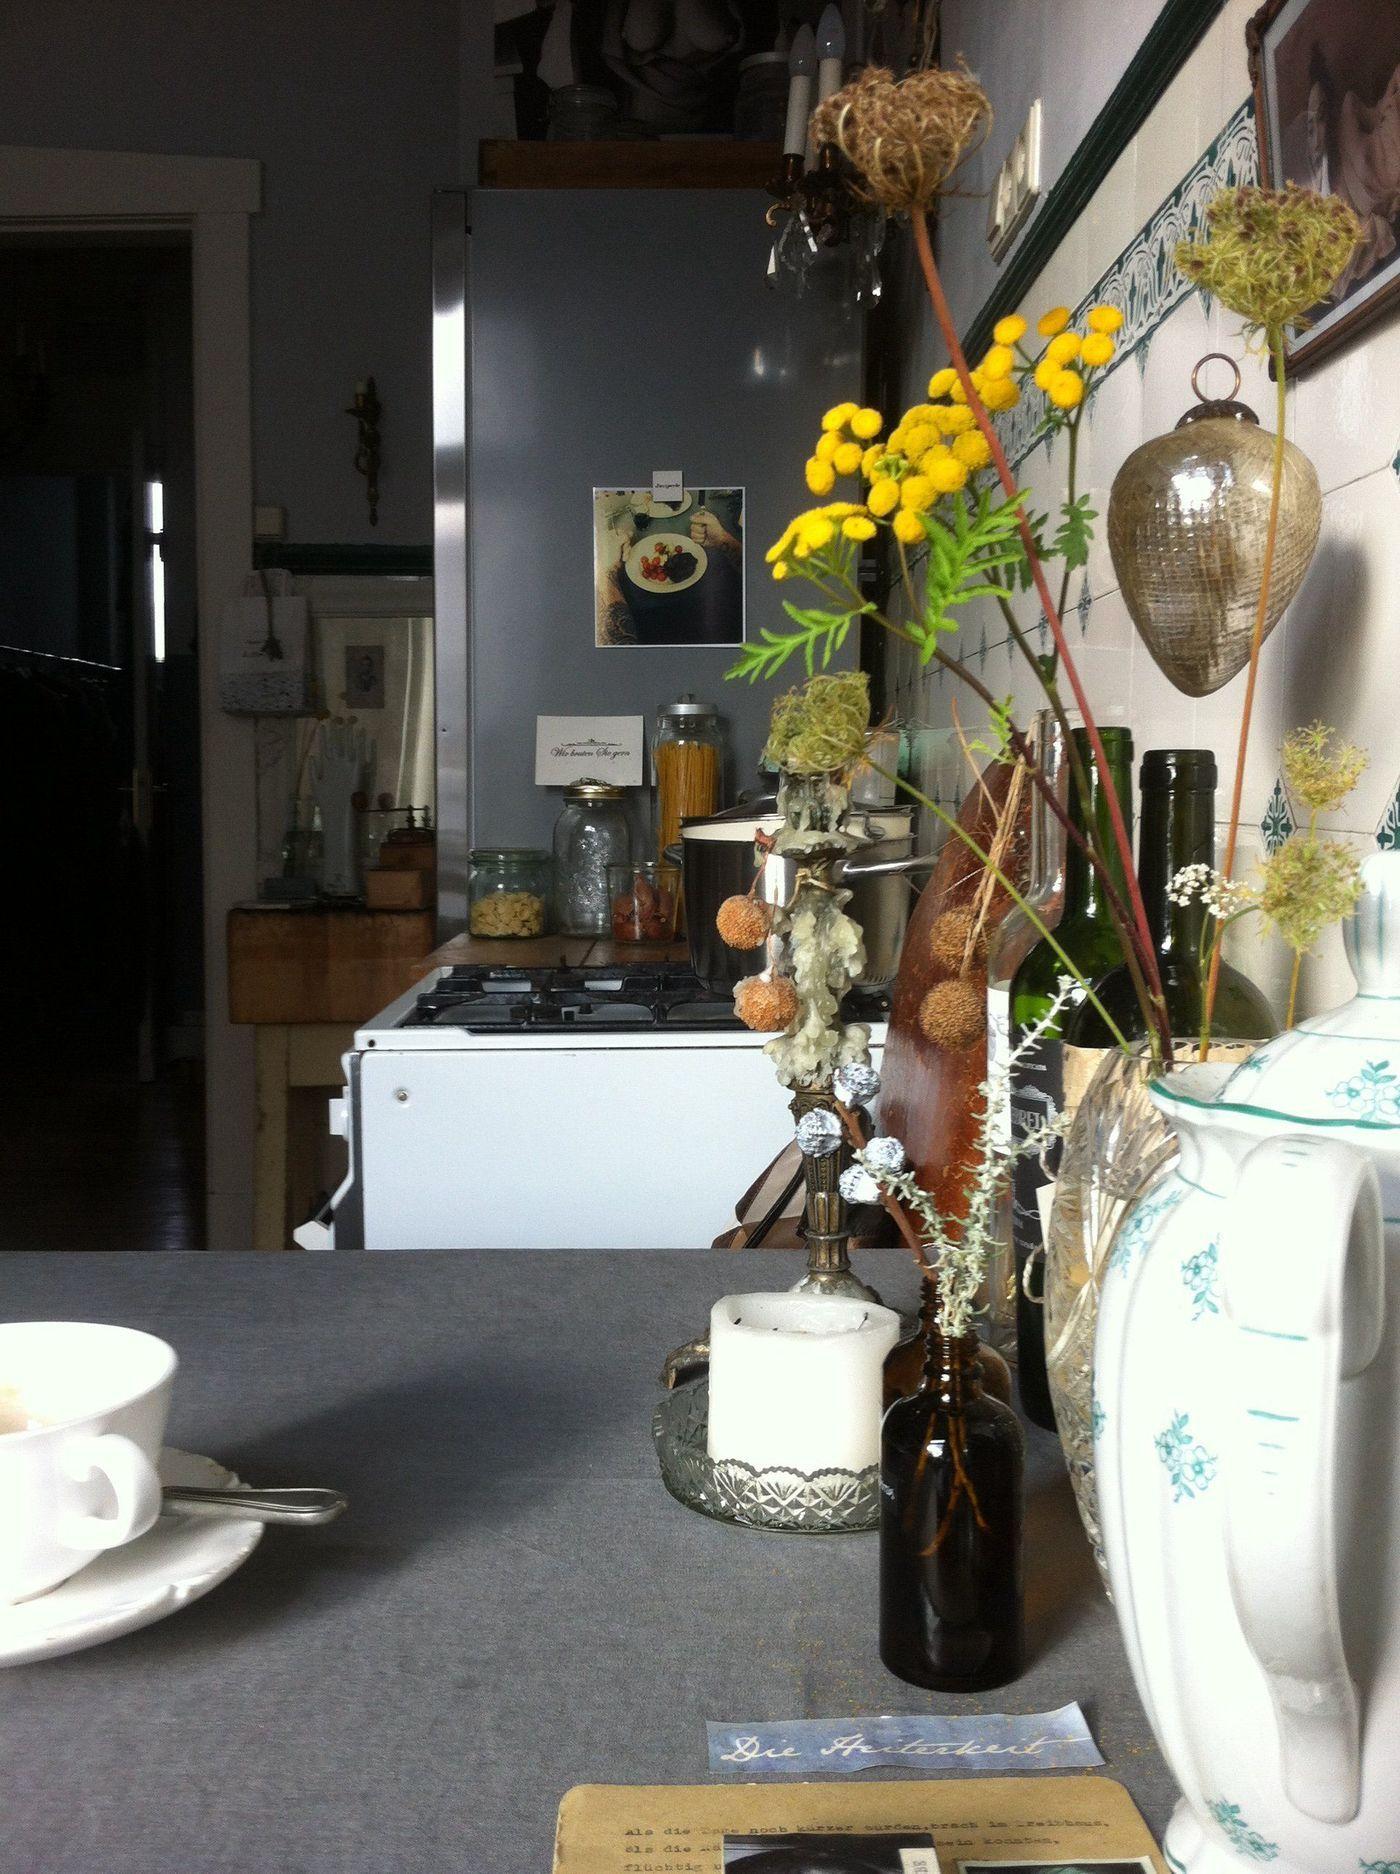 Charmant Ideen Für Küche Tee Lebensmittel Fotos - Ideen Für Die ...